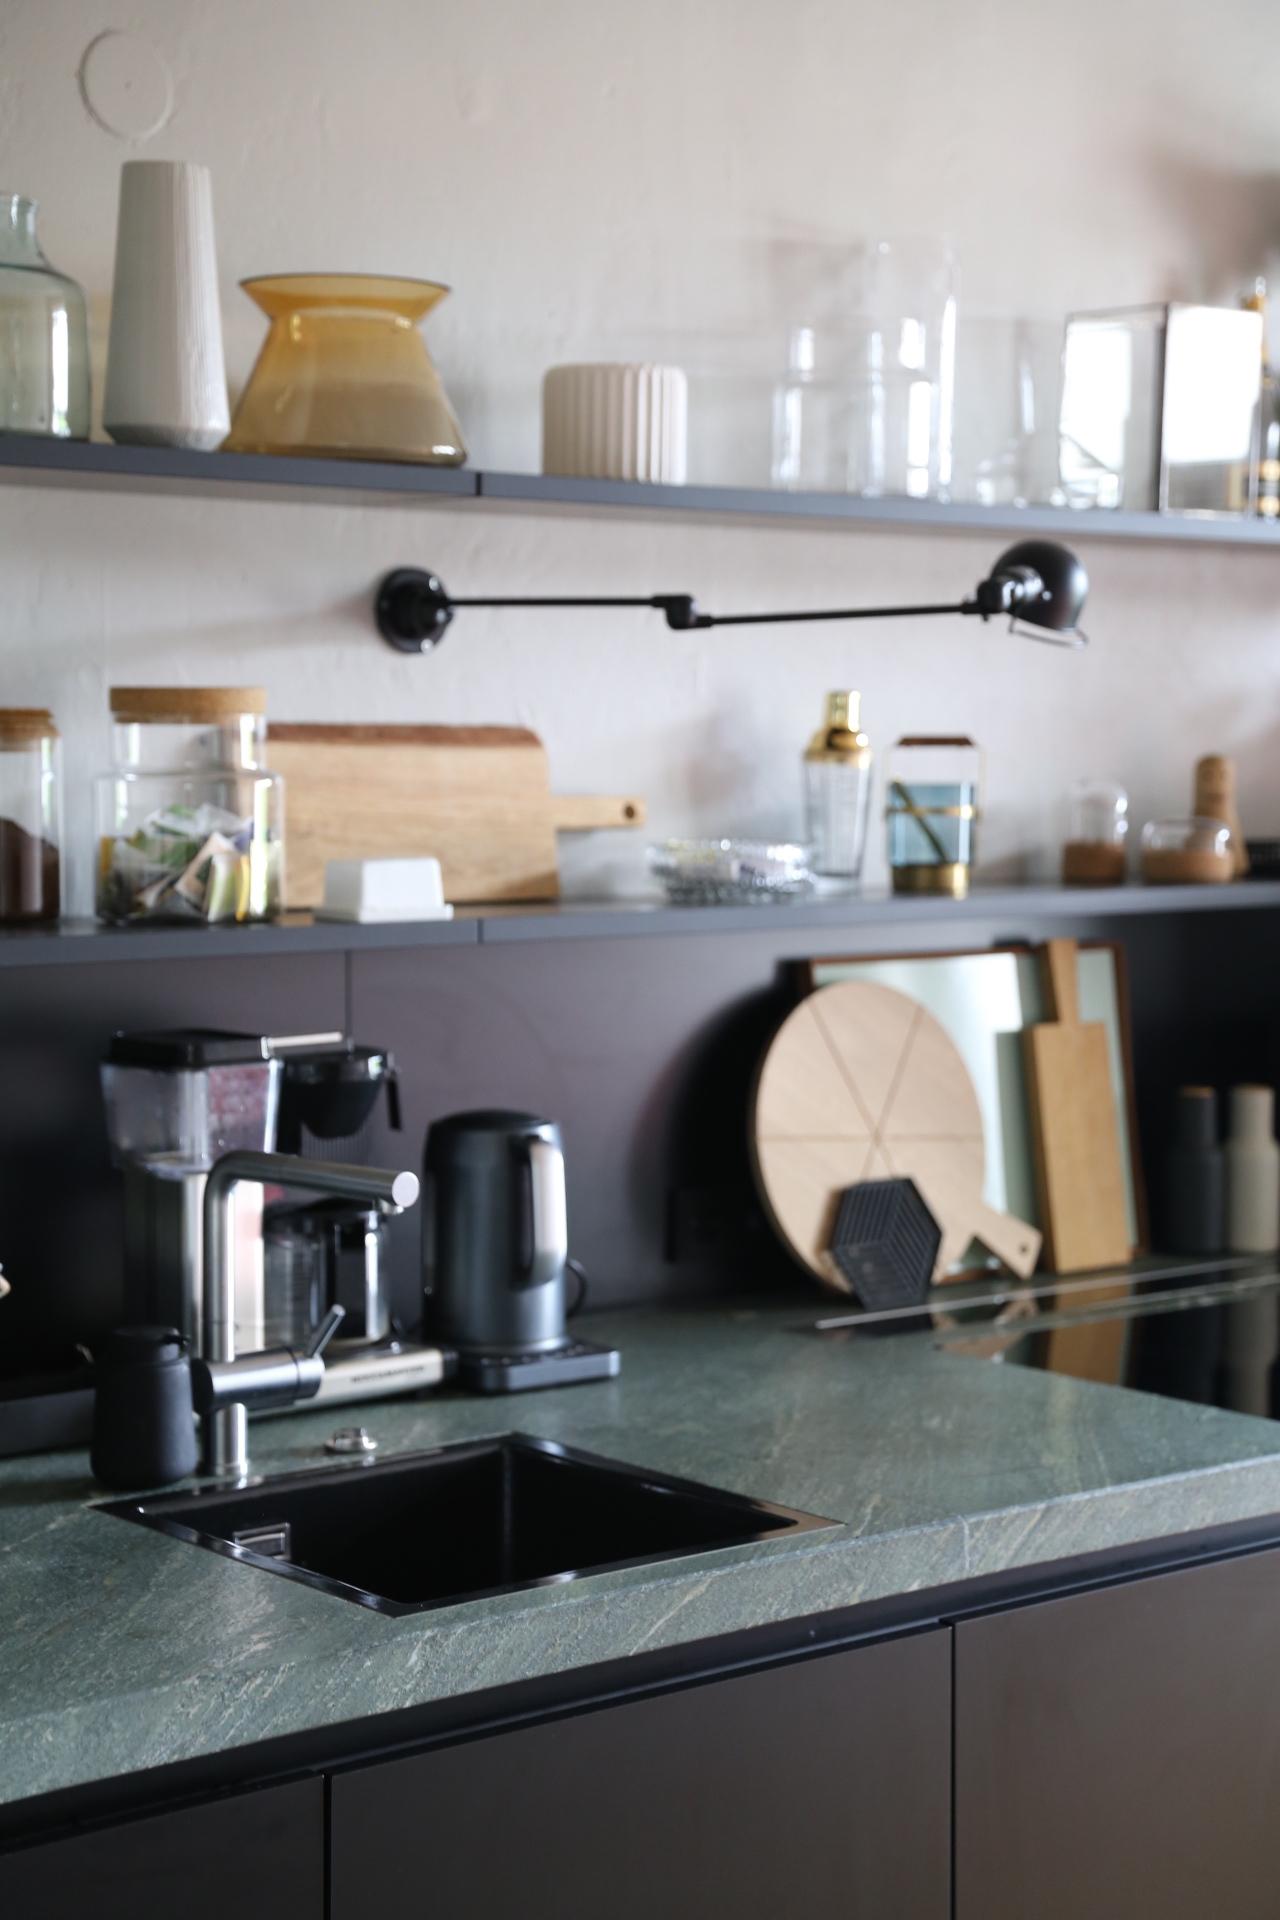 Full Size of Granitplatten Küche Ein Jahr Mit Der Neuen Kche Resmee Lieferzeit Modul Komplettküche Einzelschränke Mobile Einbauküche Elektrogeräten Sitzbank Lehne Küche Granitplatten Küche